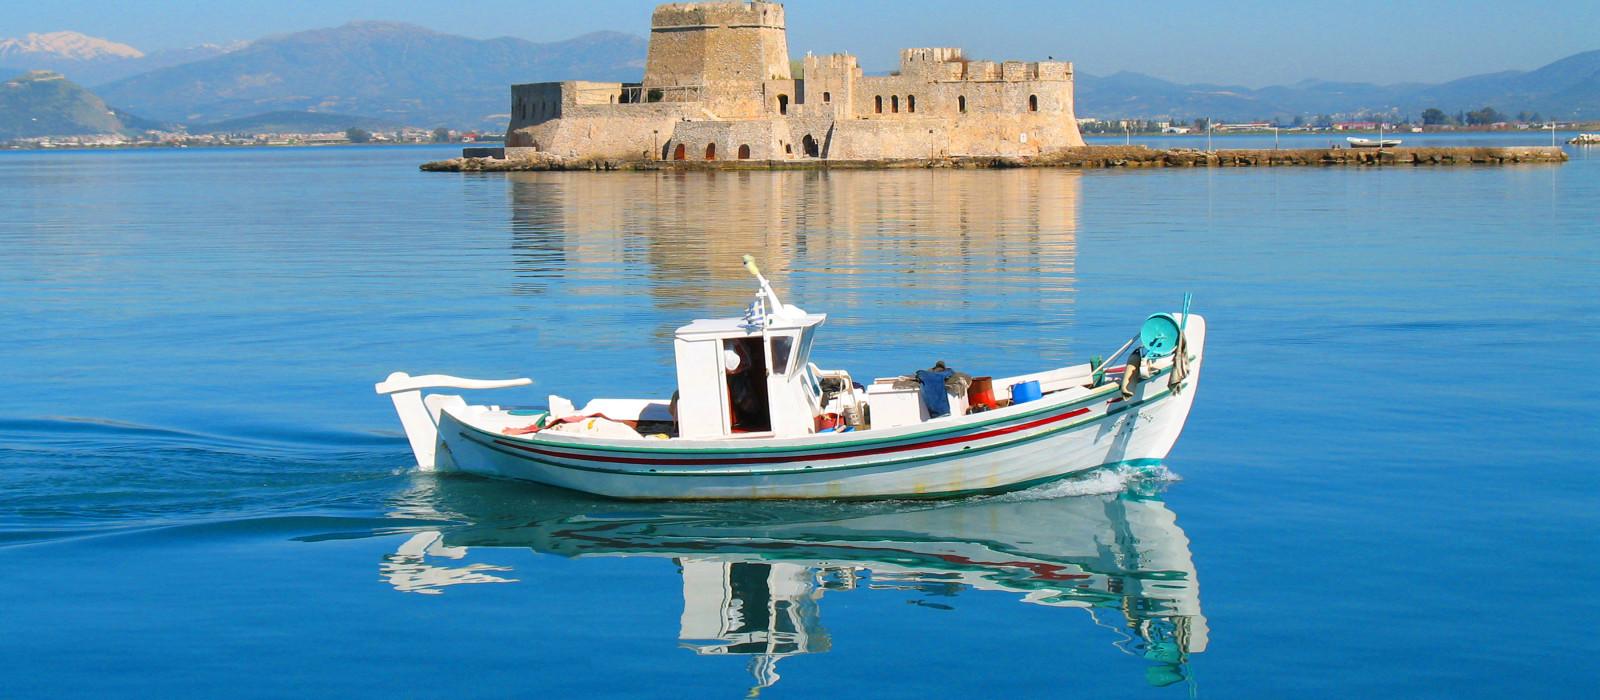 Reiseziel Nafplio Griechenland